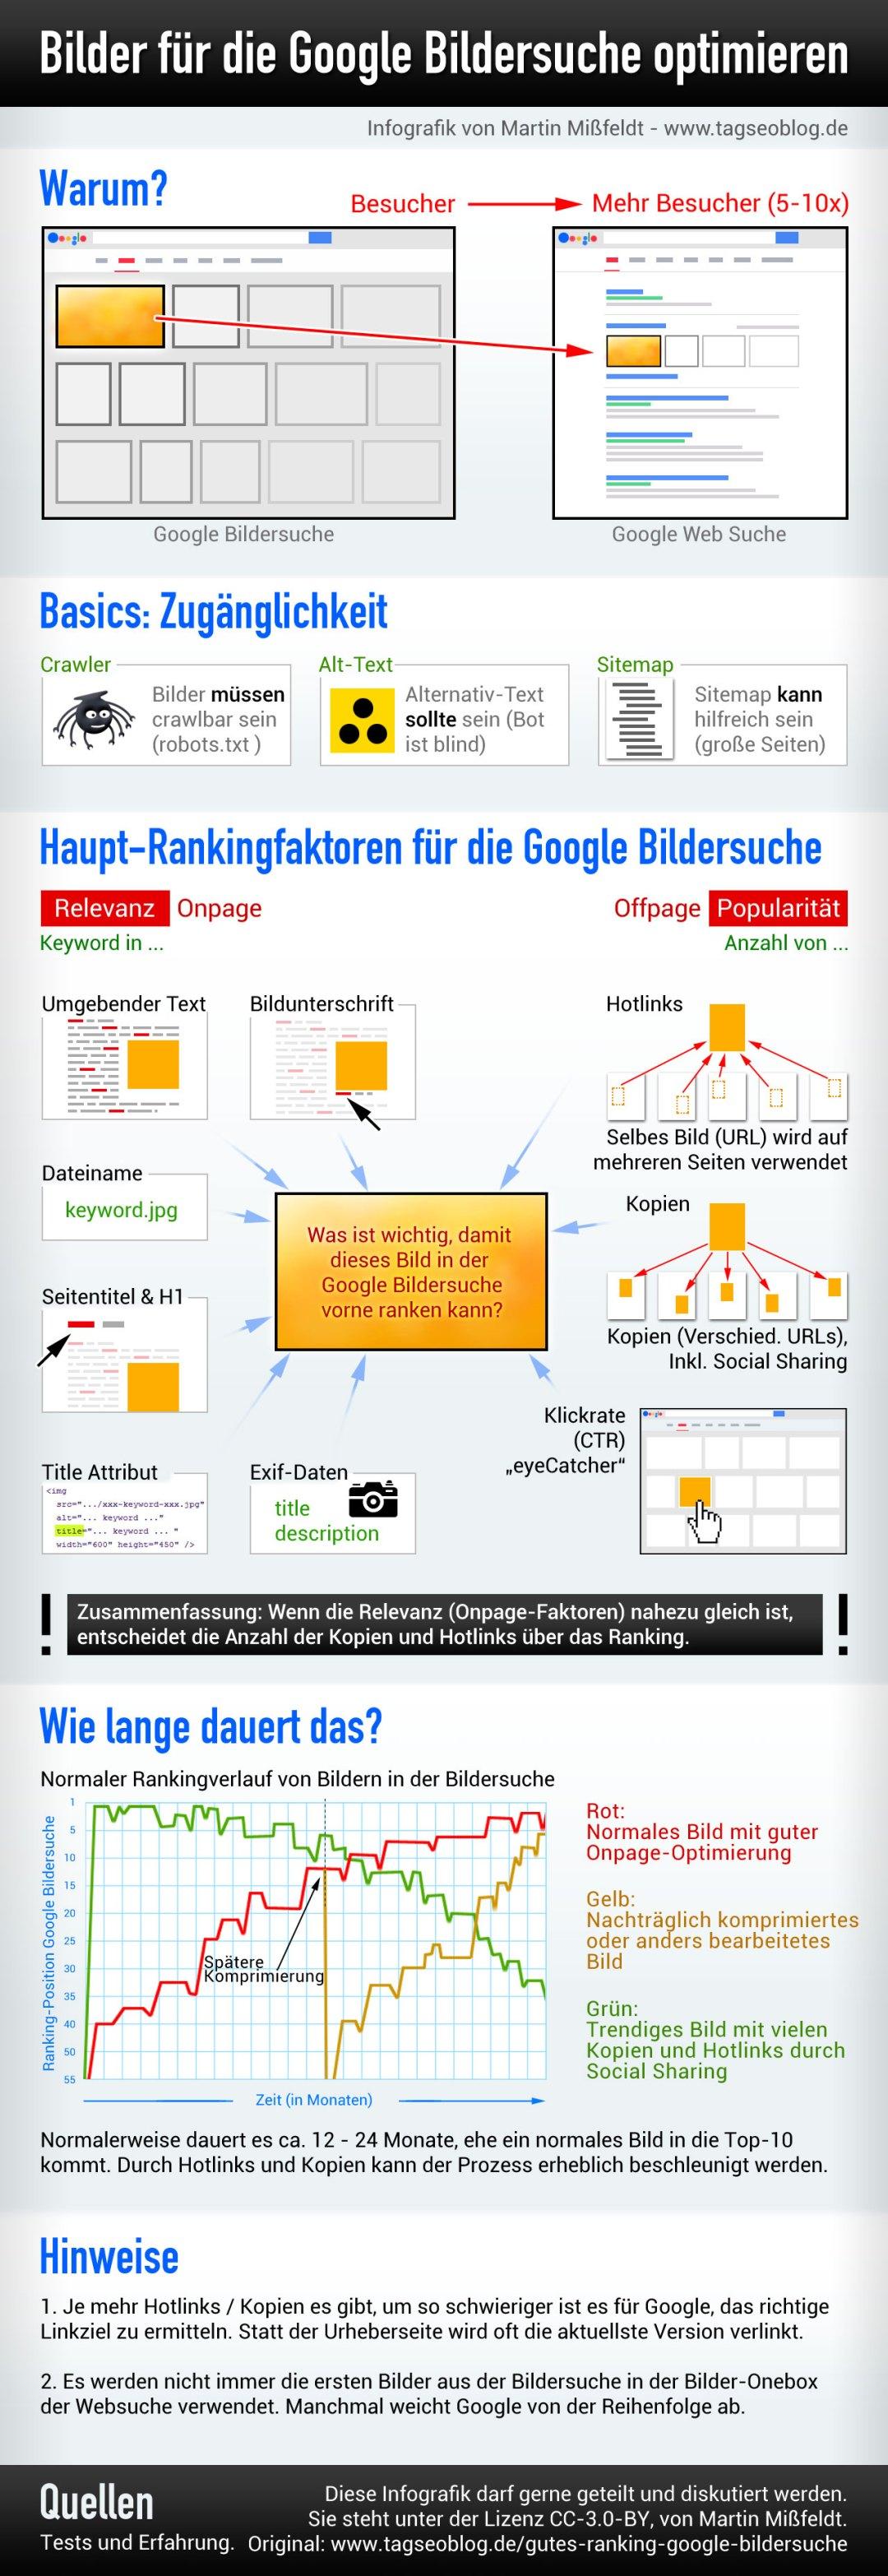 Optimierung von Bildern für die Google Bildersuche